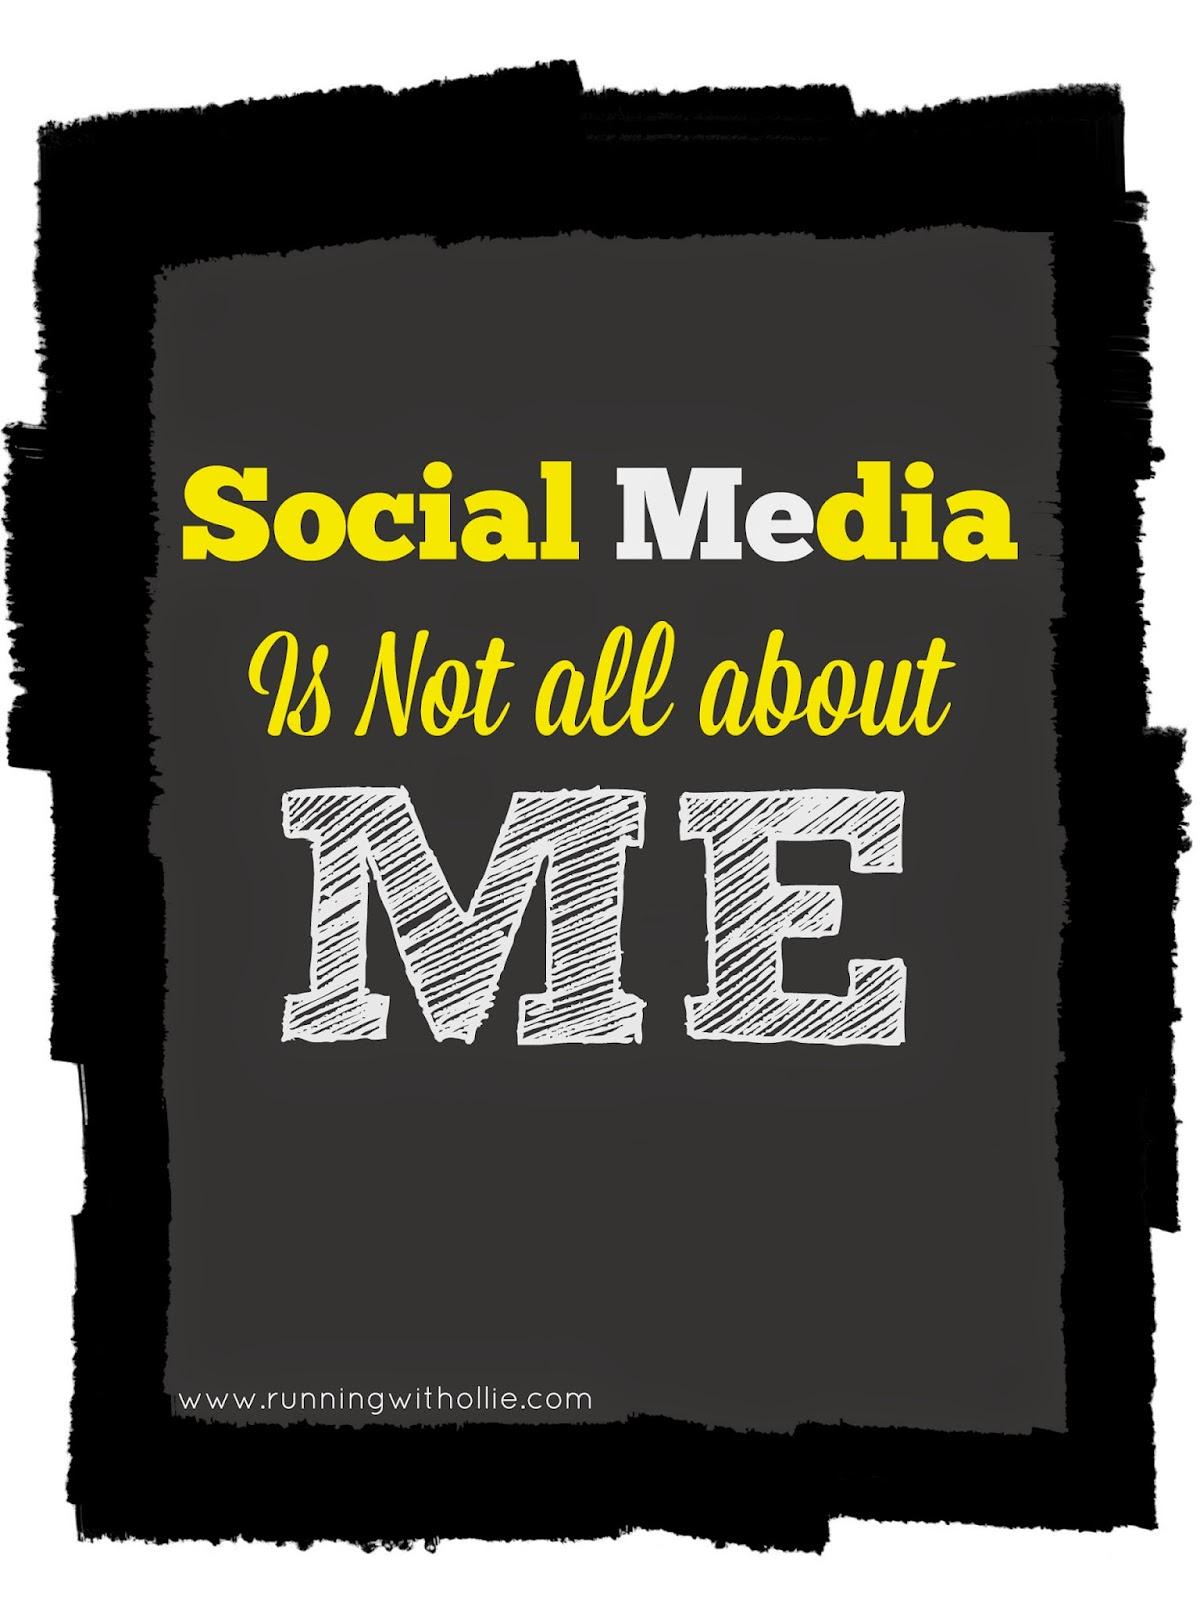 515313198-social_media.jpg